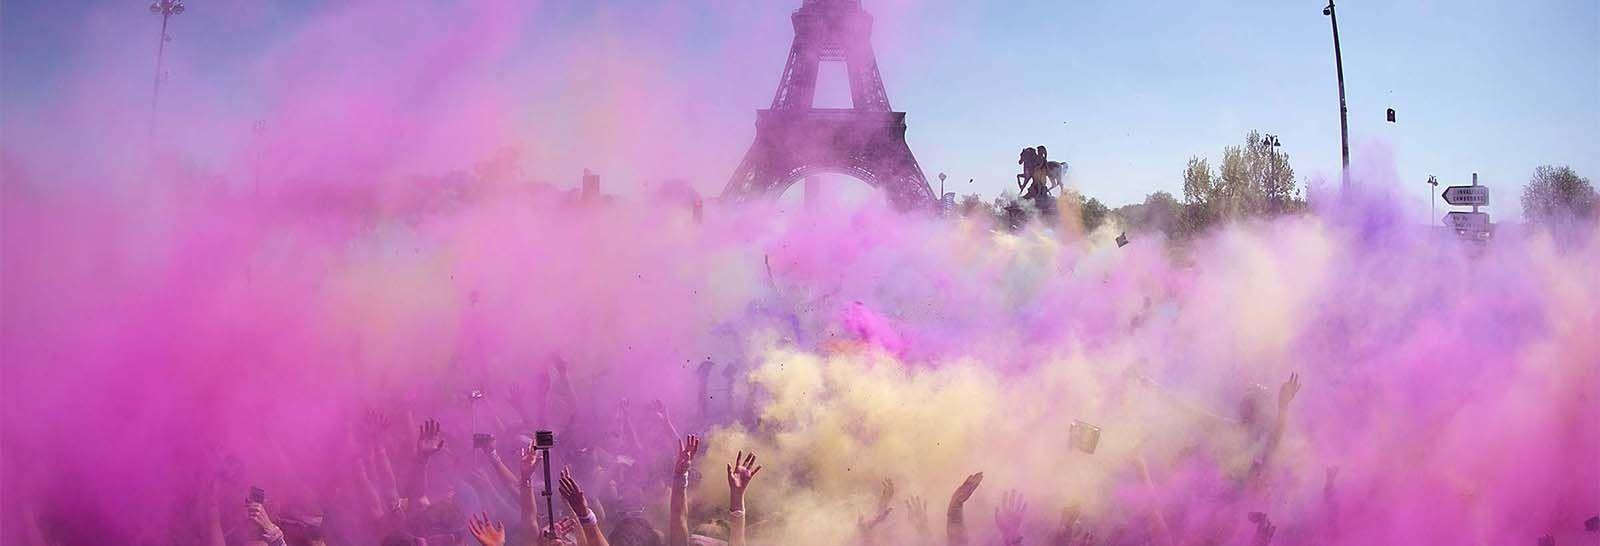 Disneyland Paris 1 Day/1Park Flexible Ticket & Seine River Cruise